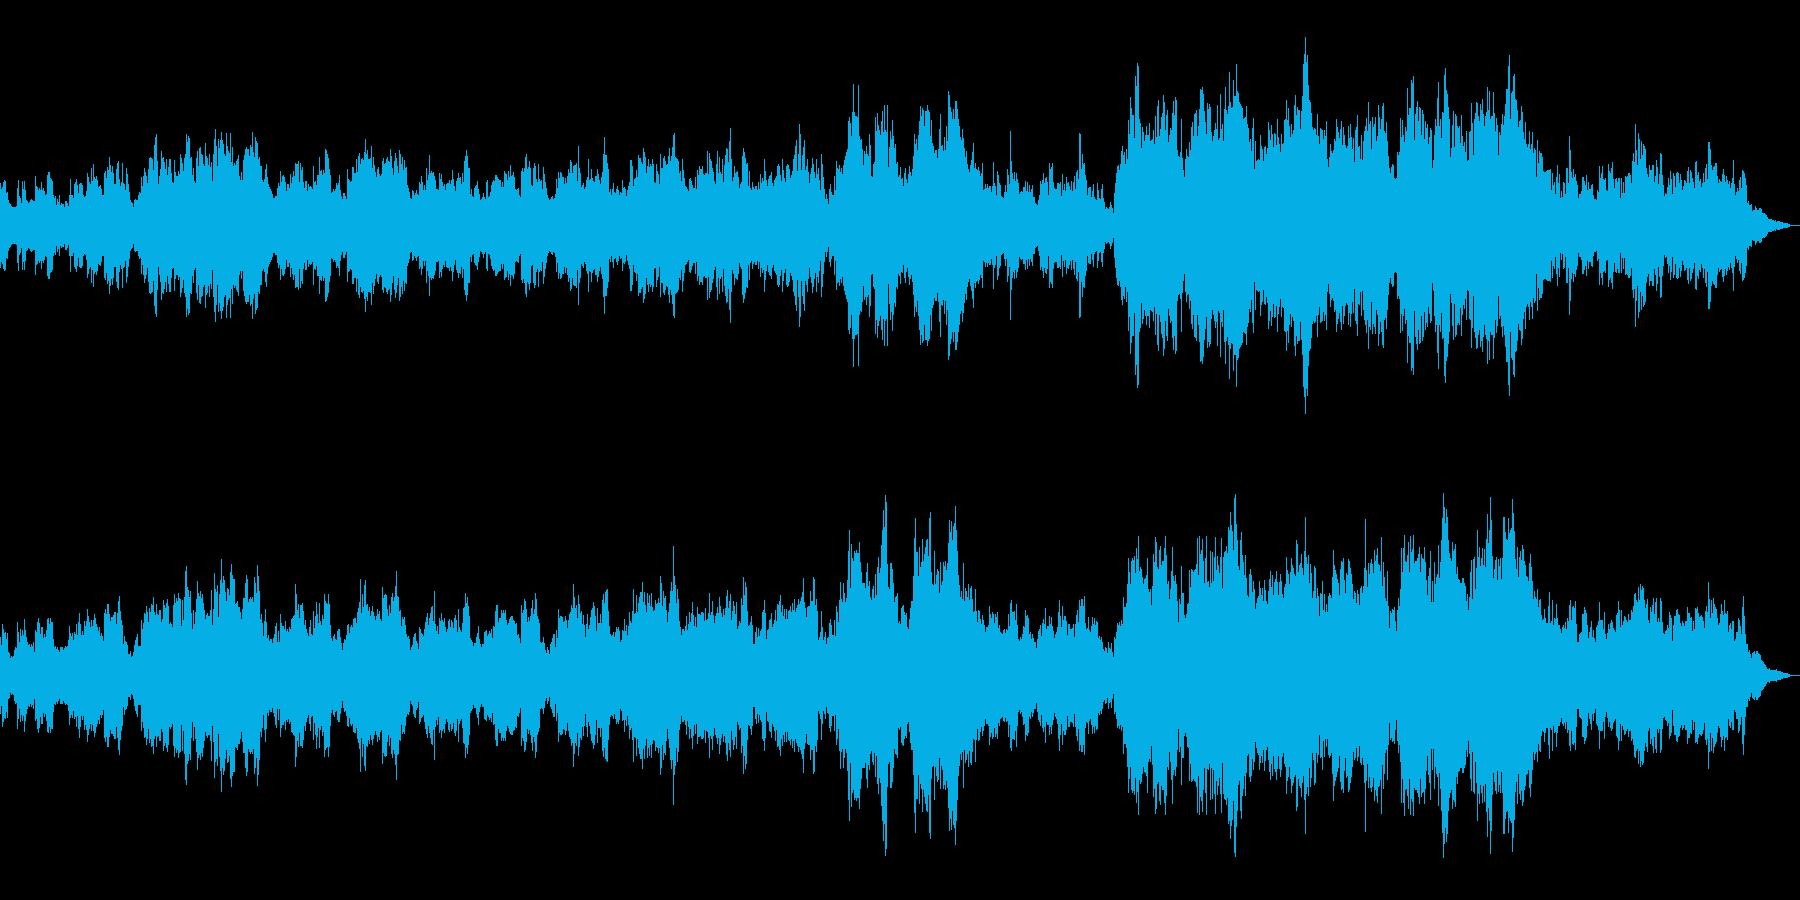 希望と祈りのオーケストラ(コーラス付)の再生済みの波形